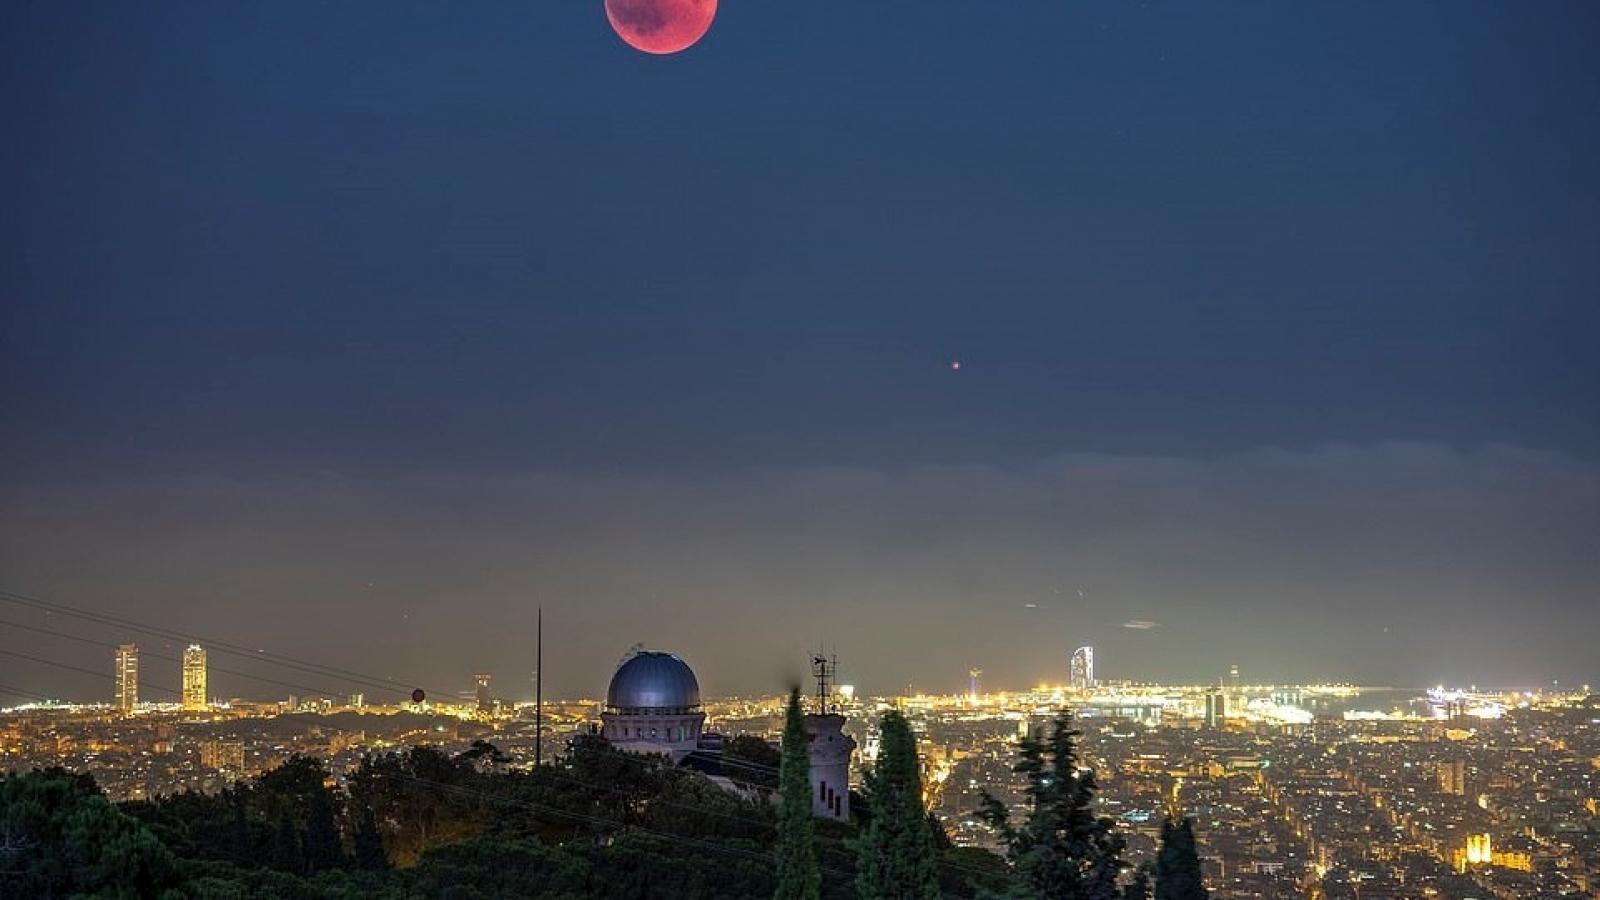 Chiêm ngưỡng vẻ đẹp mê hồn bầu trời đêm đầy sao ở Thụy Sĩ